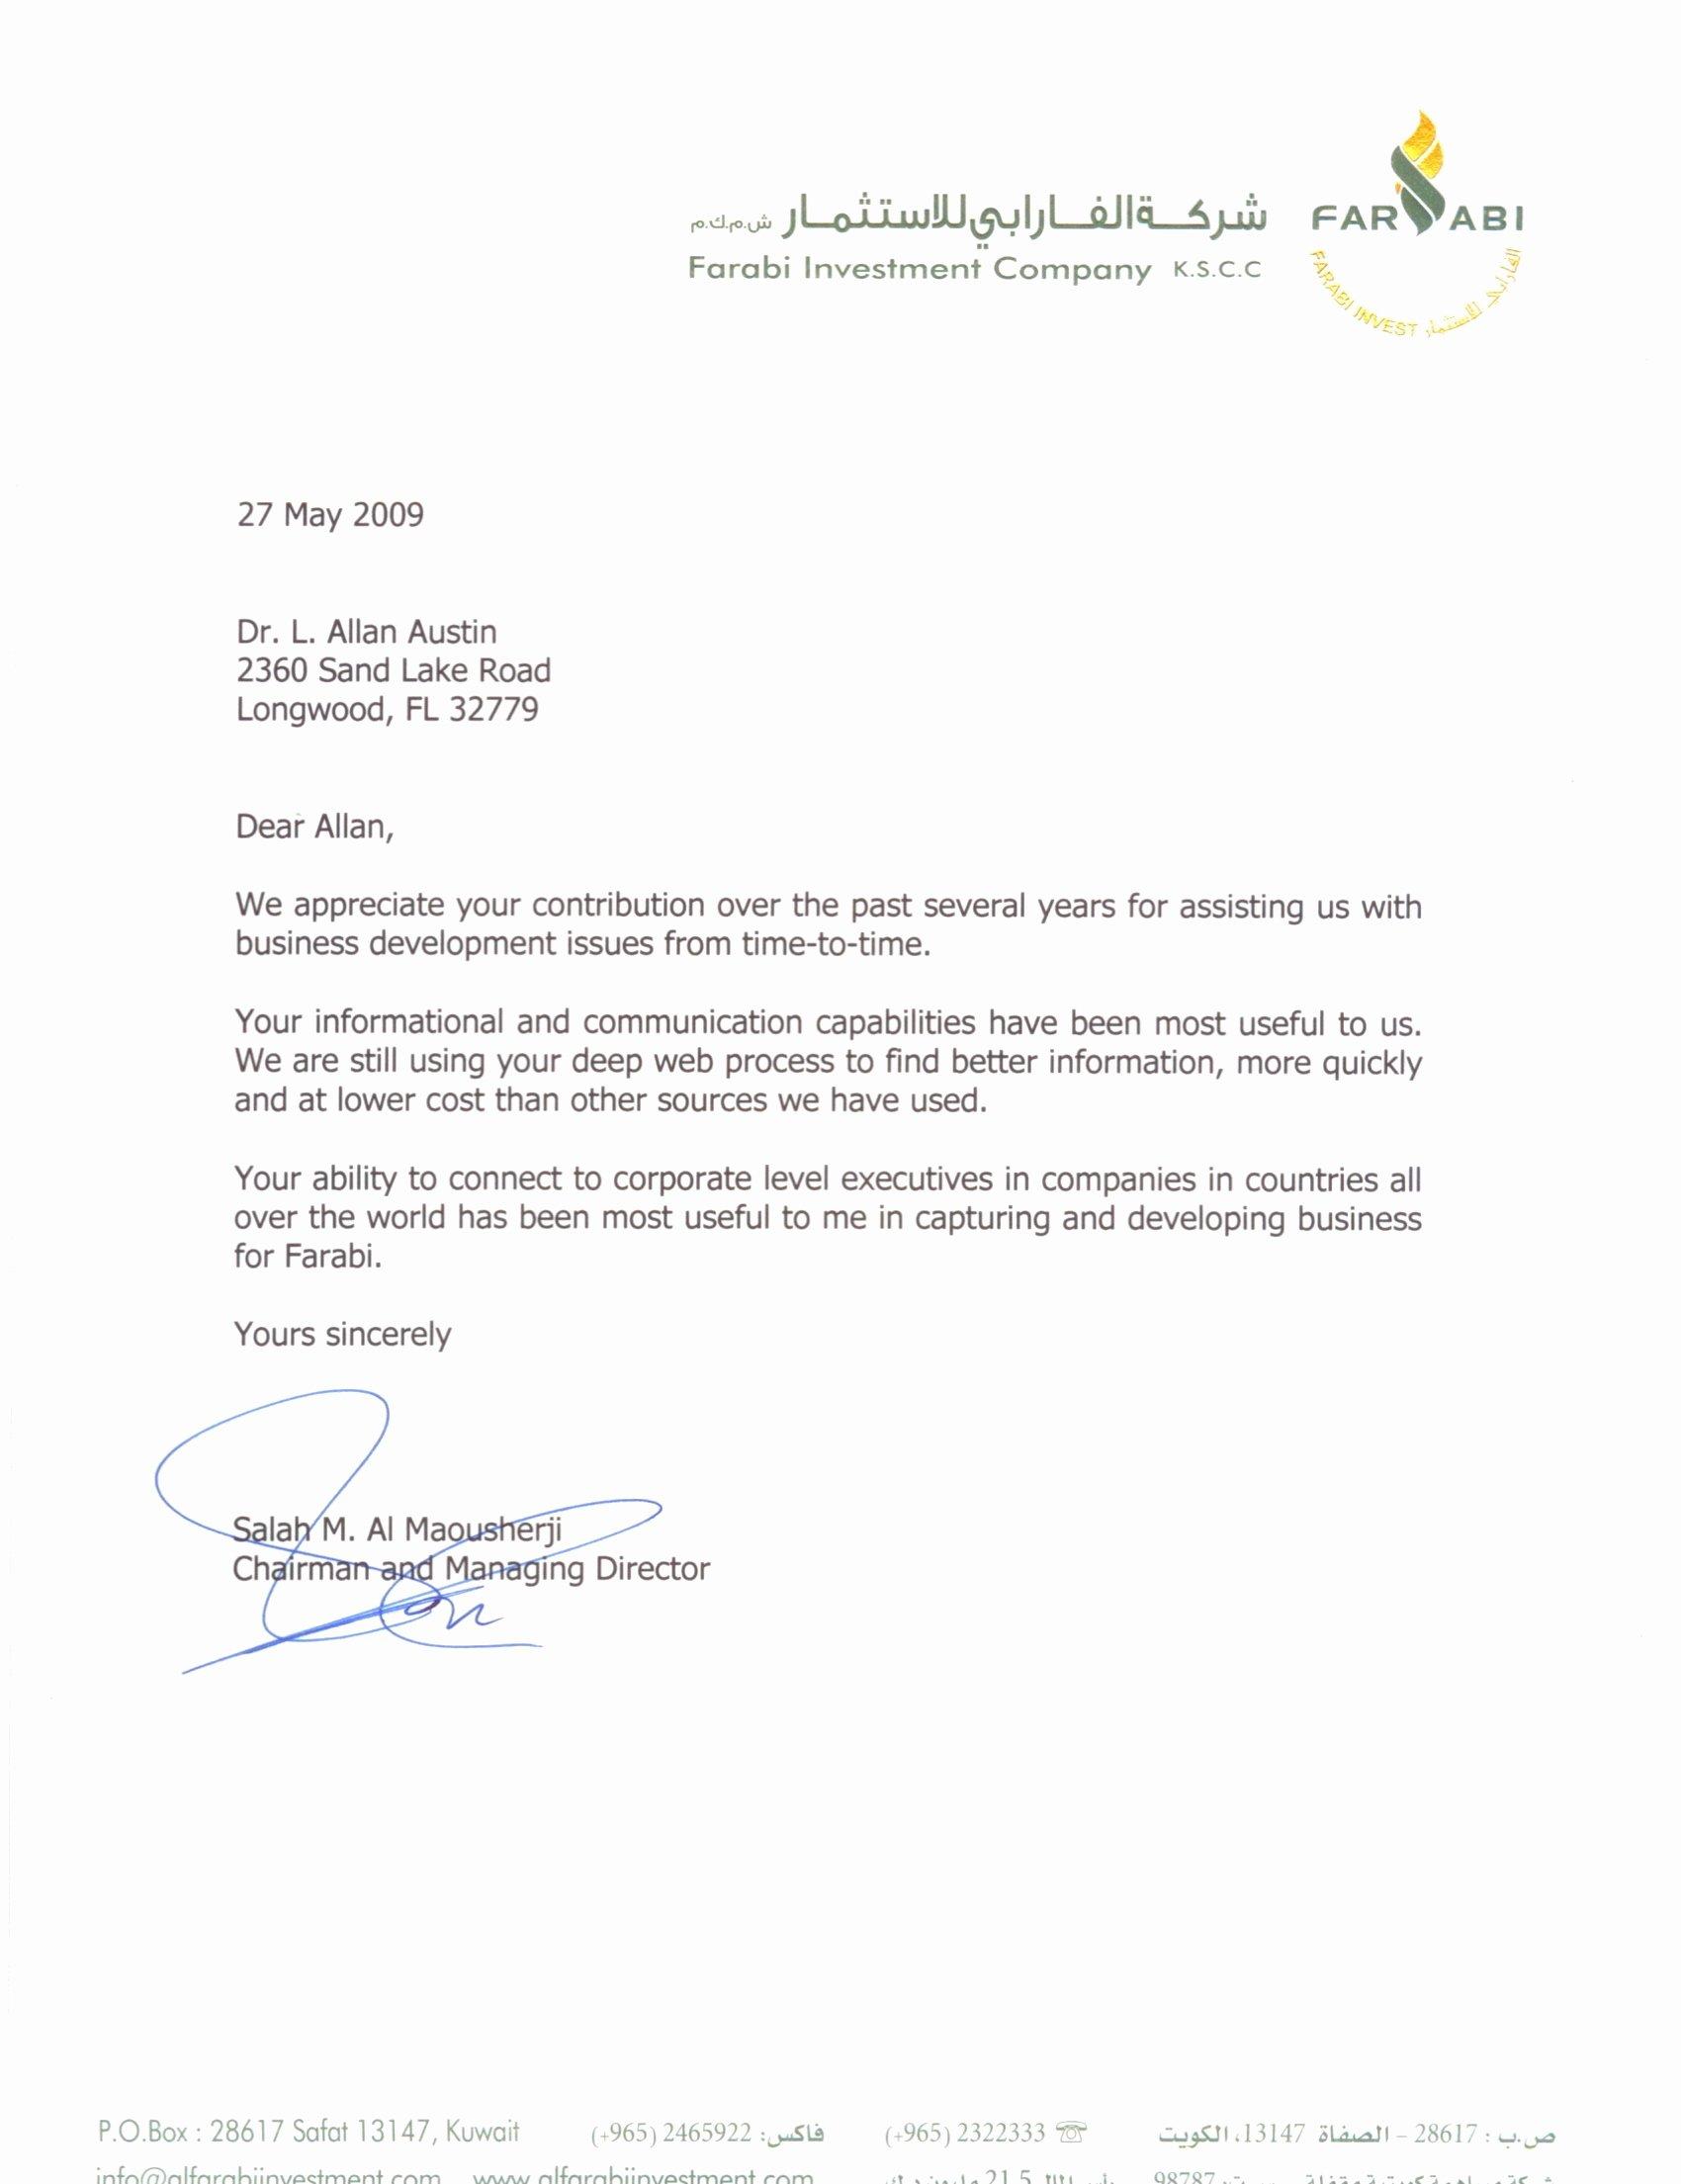 Medical Referral Letter Template Lovely Best S Of Business Referral Letter Templates